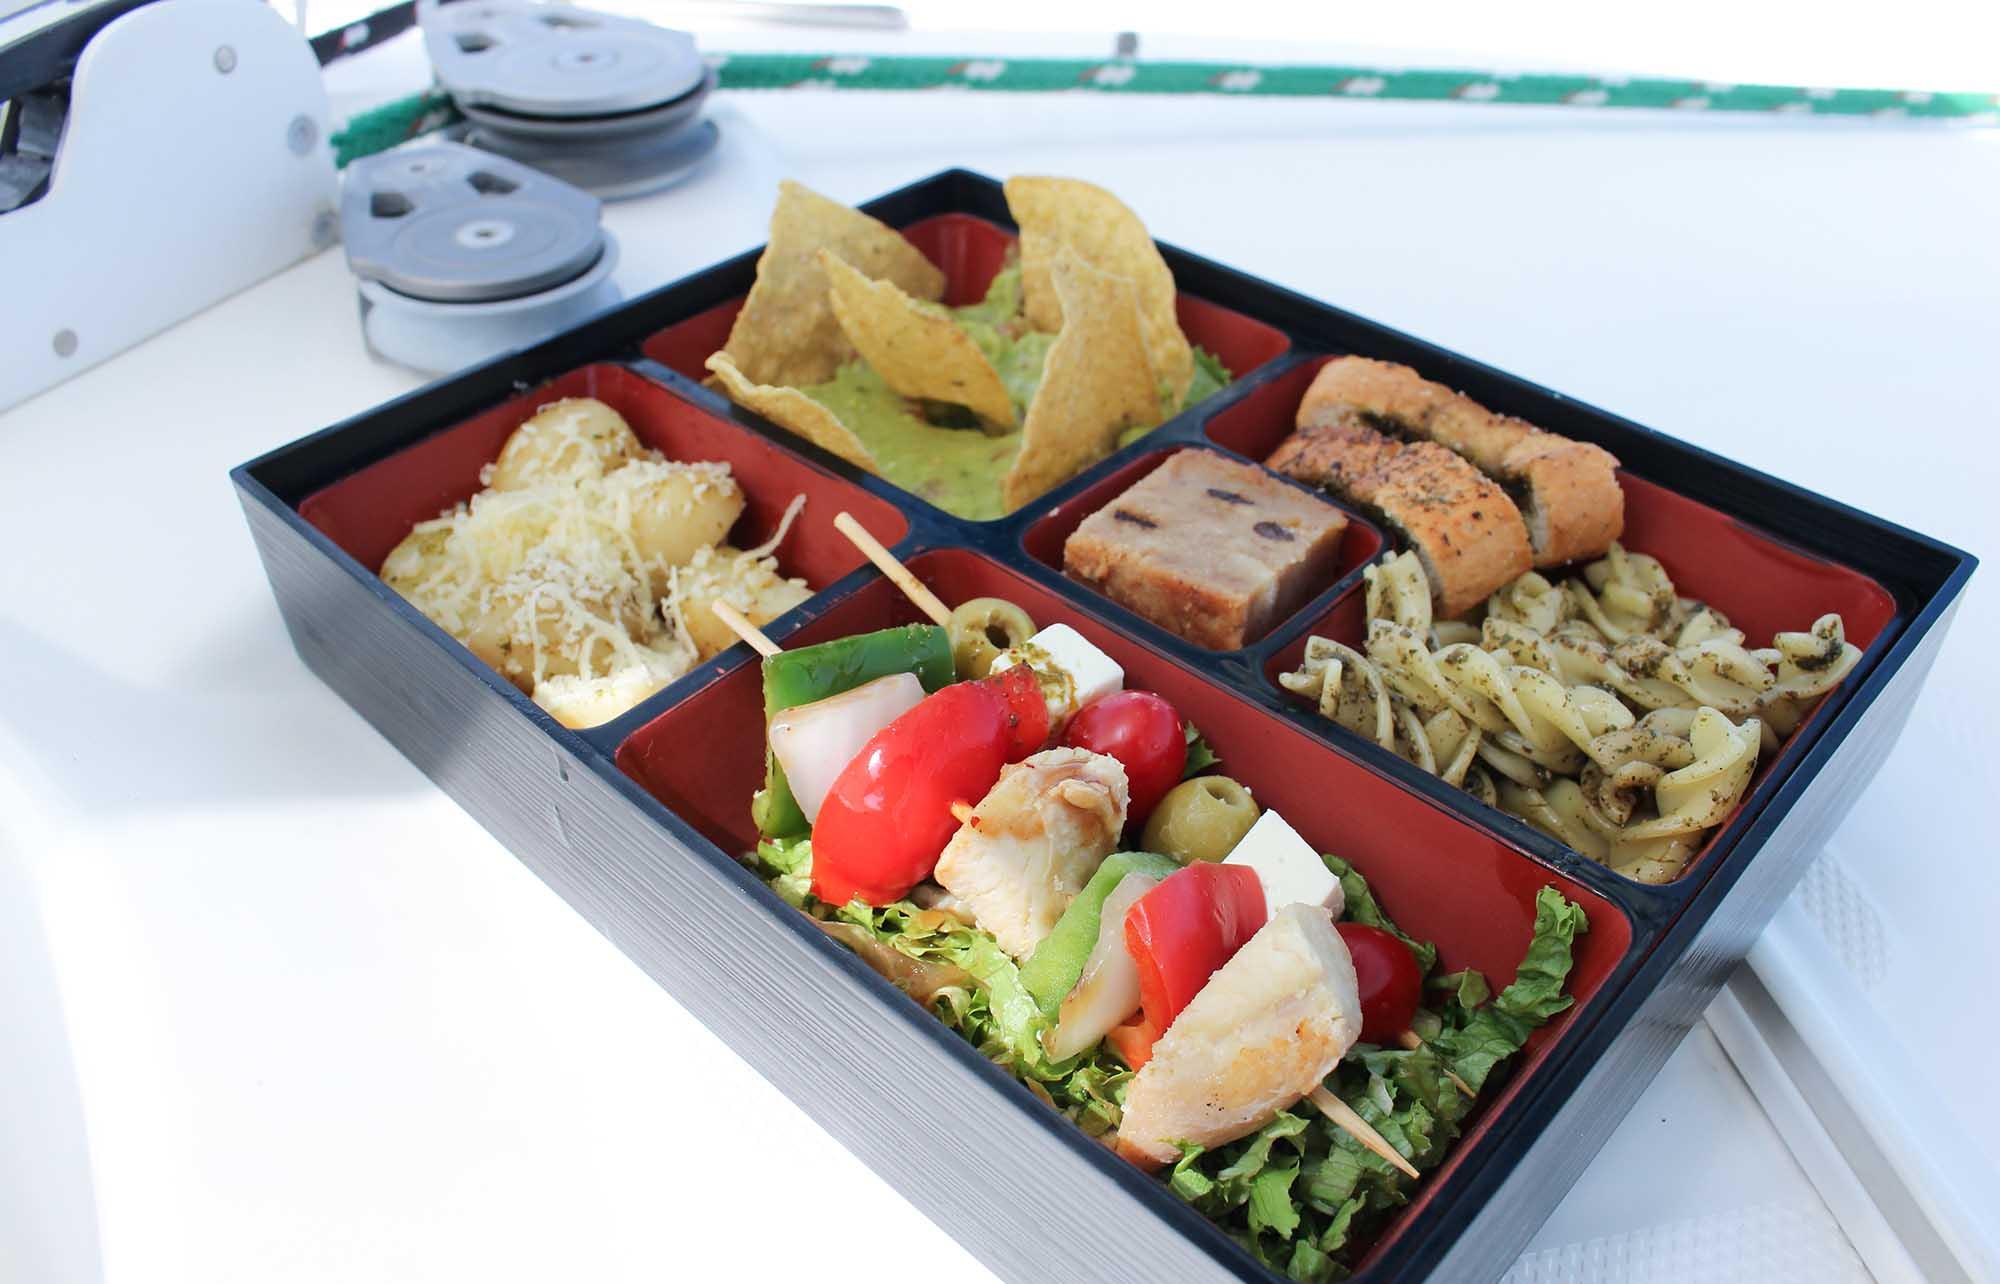 déjeuner sur l'excursion en catamaran à Isla Mujeres